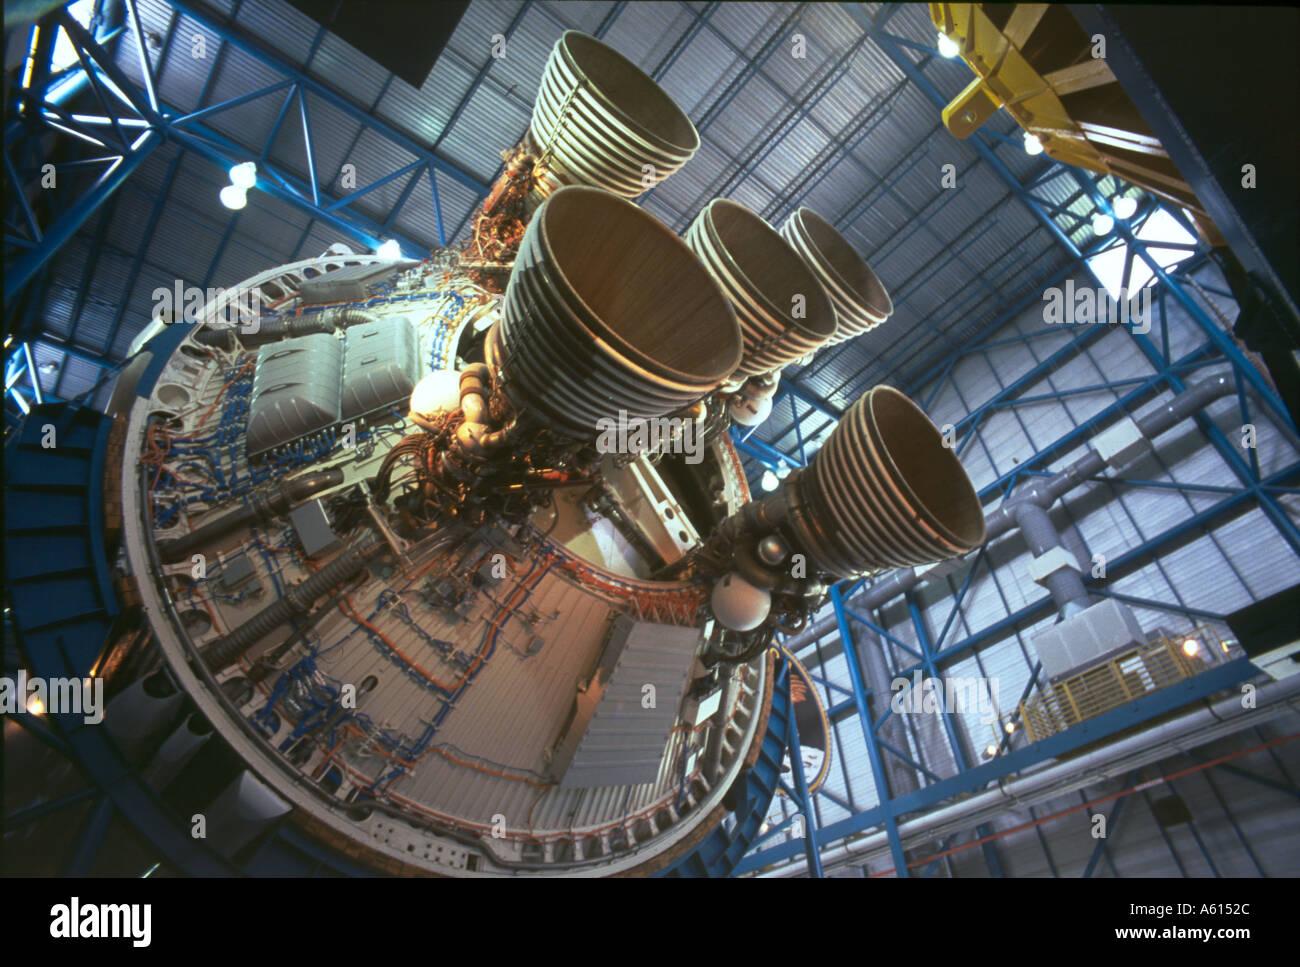 Saturn 5 Rocket Engine